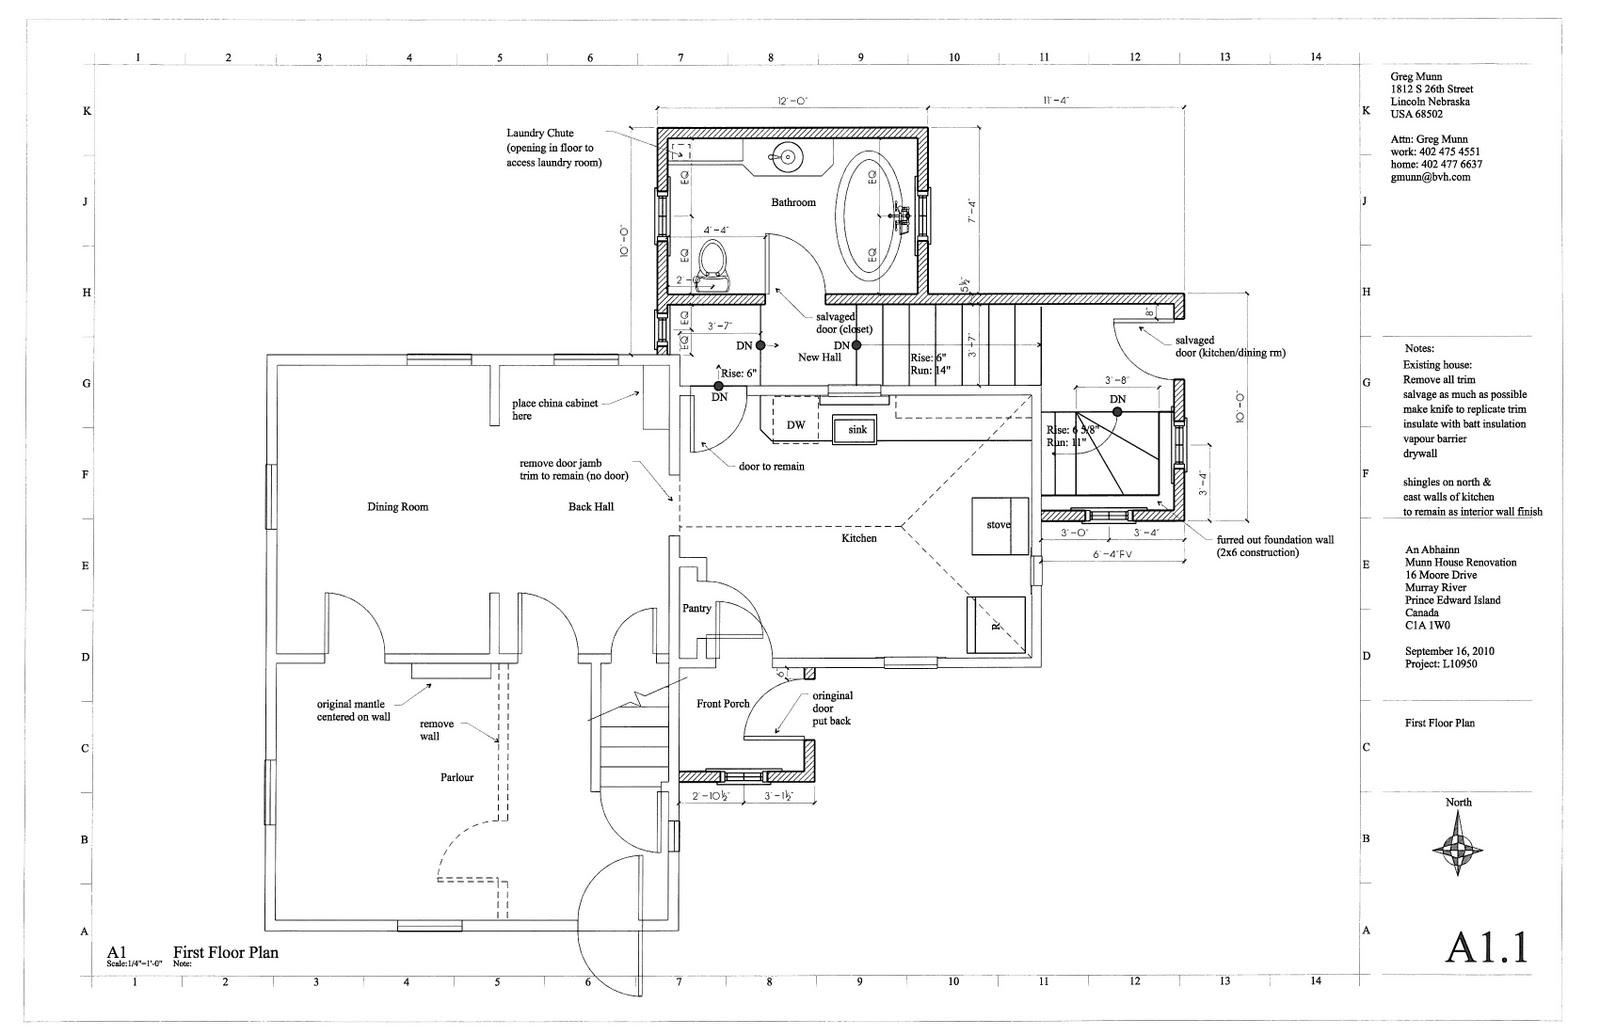 Ji Case 2390 Wiring Diagram | Wiring Diagram Database  E Wiring Diagram on